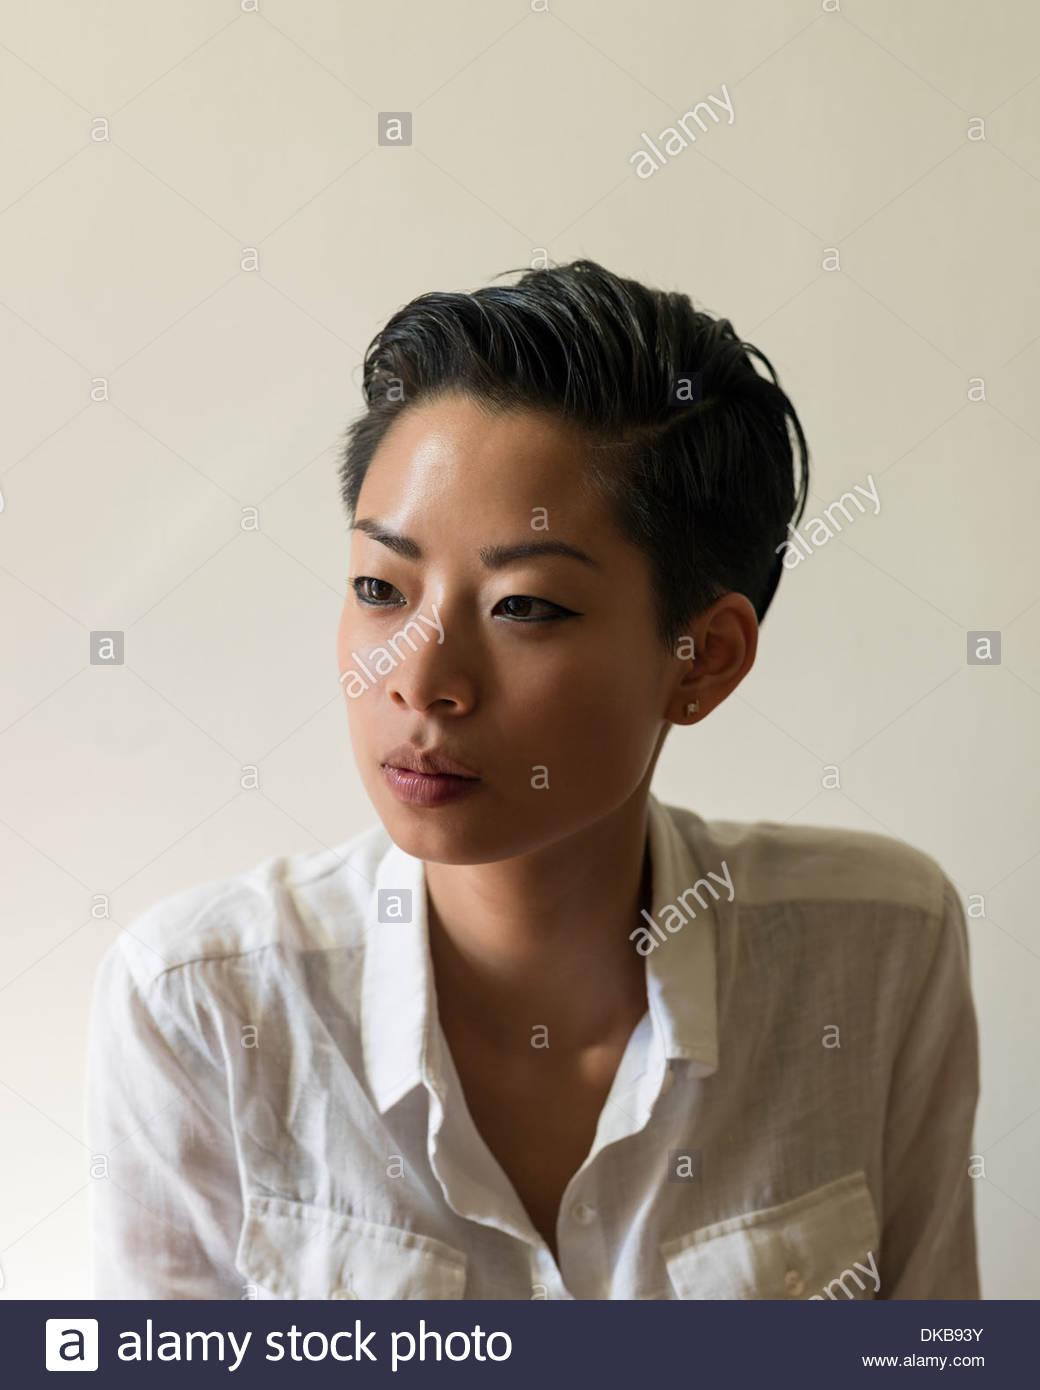 Fotografia de estúdio da jovem mulher com cabelo curto Imagens de Stock